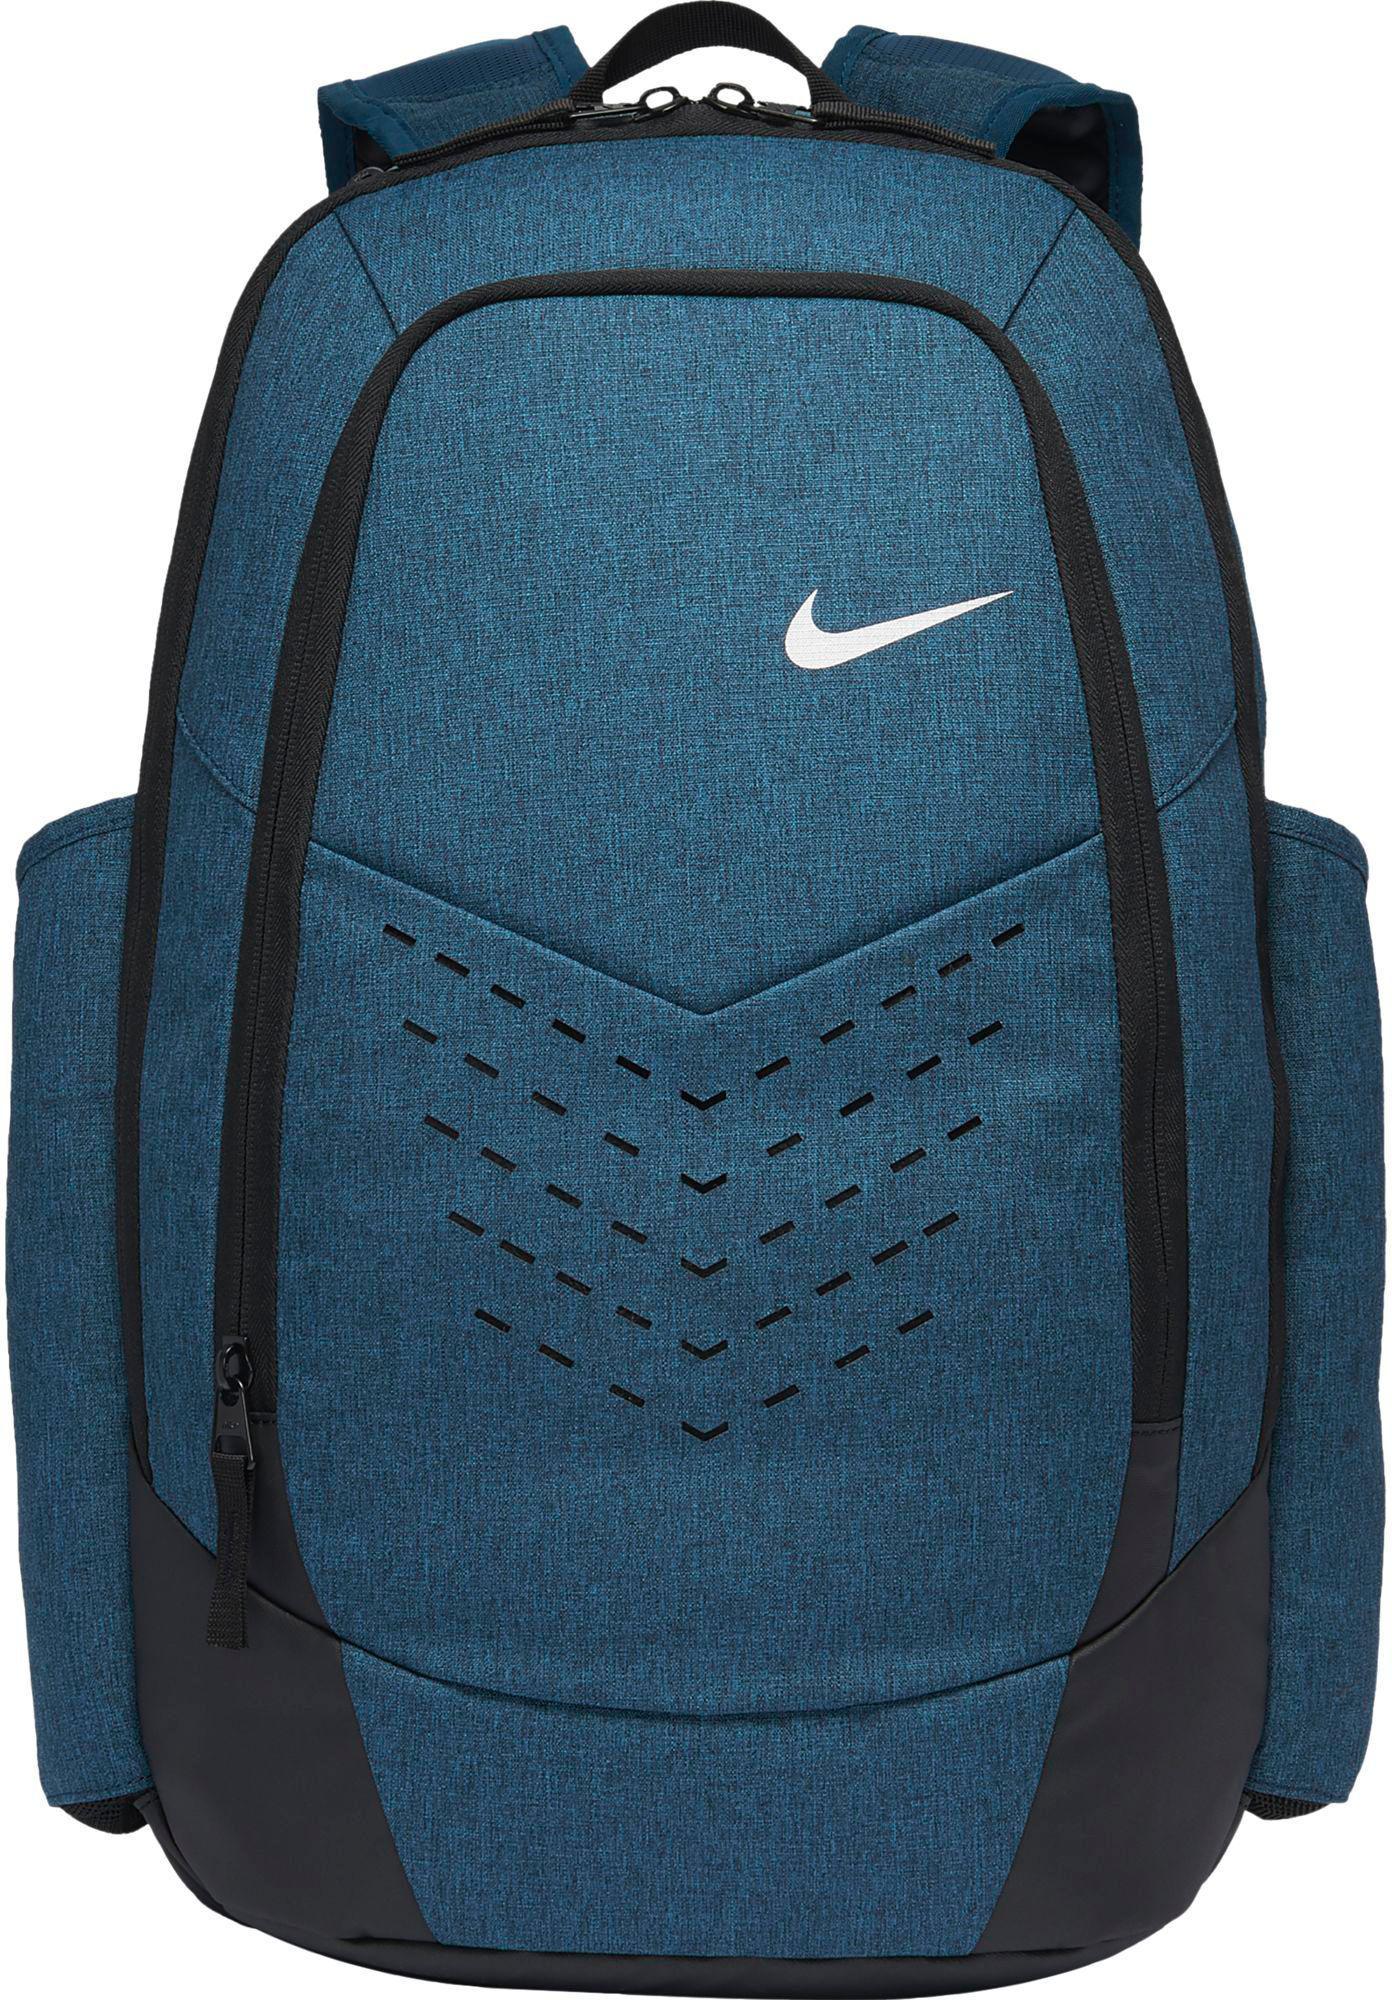 0d5a1e6648 Lyst - Nike Vapor Energy Training Backpack in Blue for Men